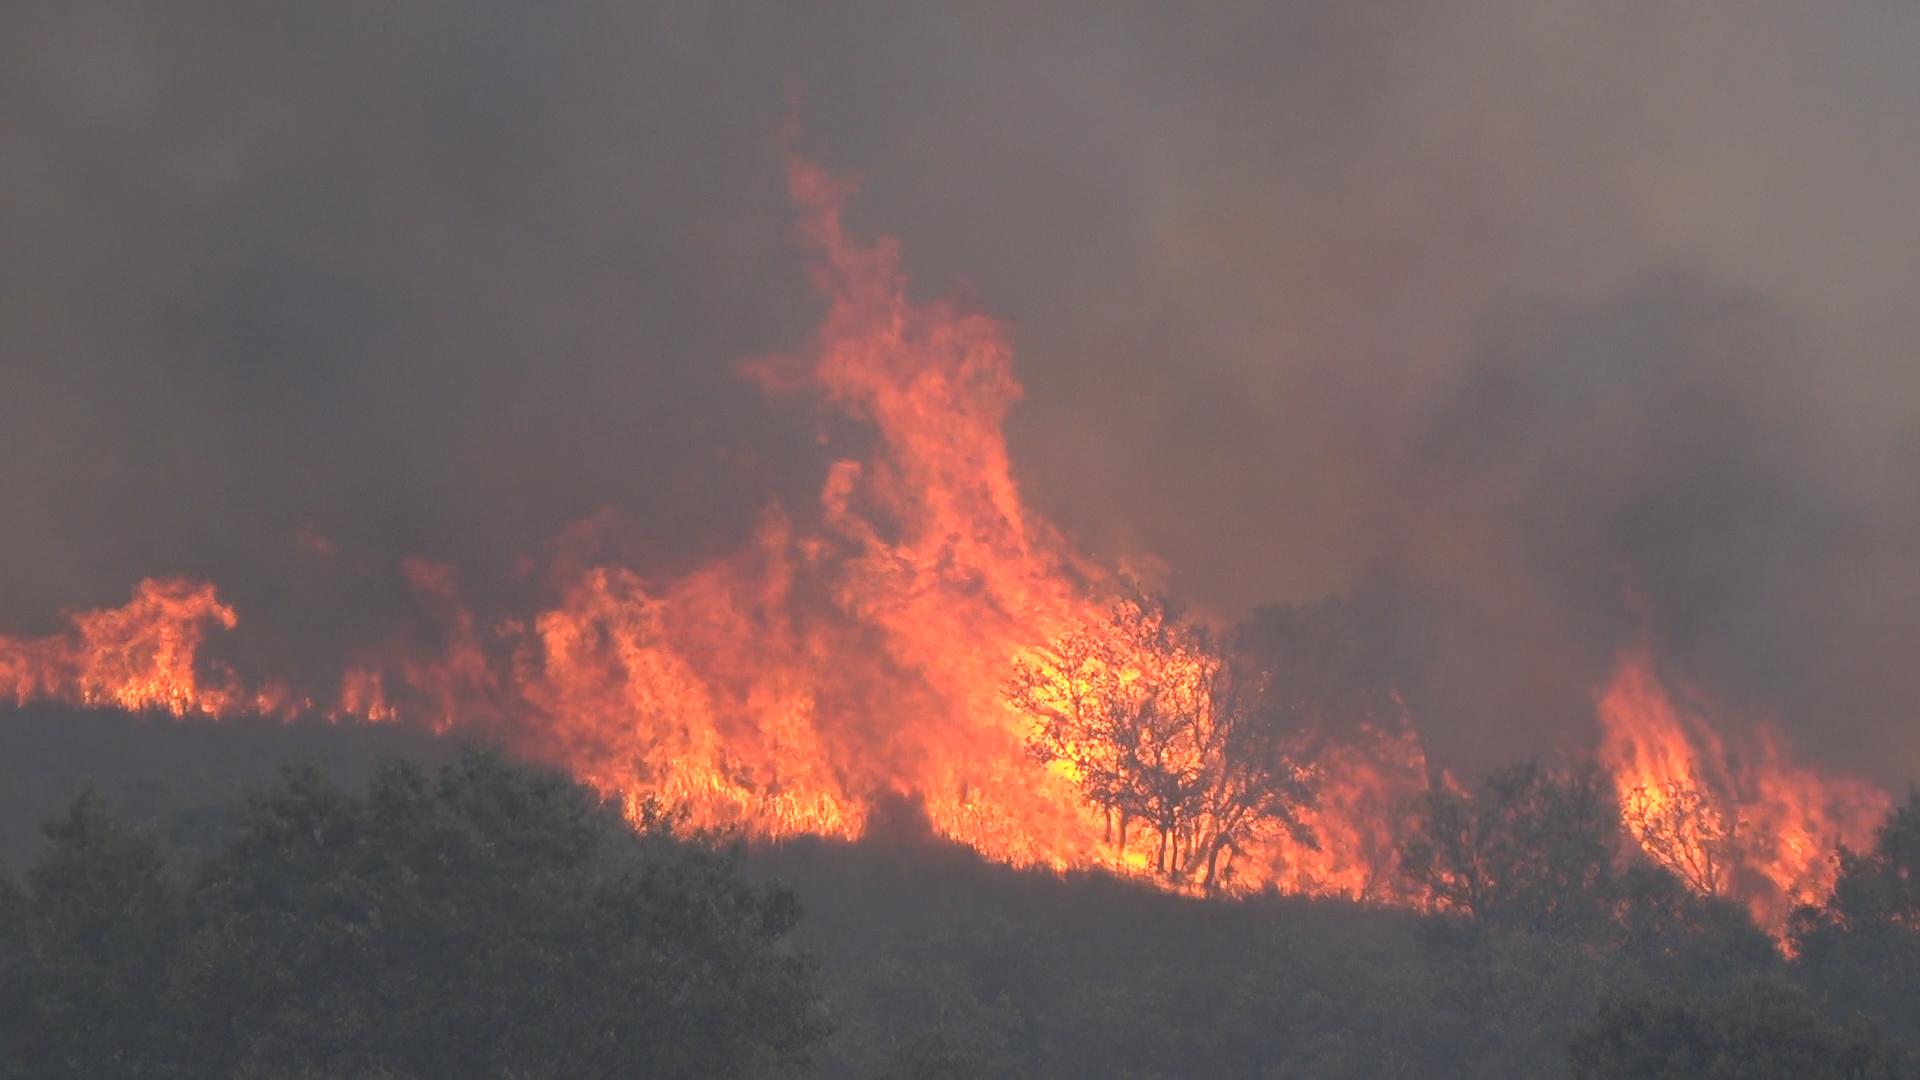 Dispositivo de combate a incêndios deste ano foi reforçado no distrito de Bragança